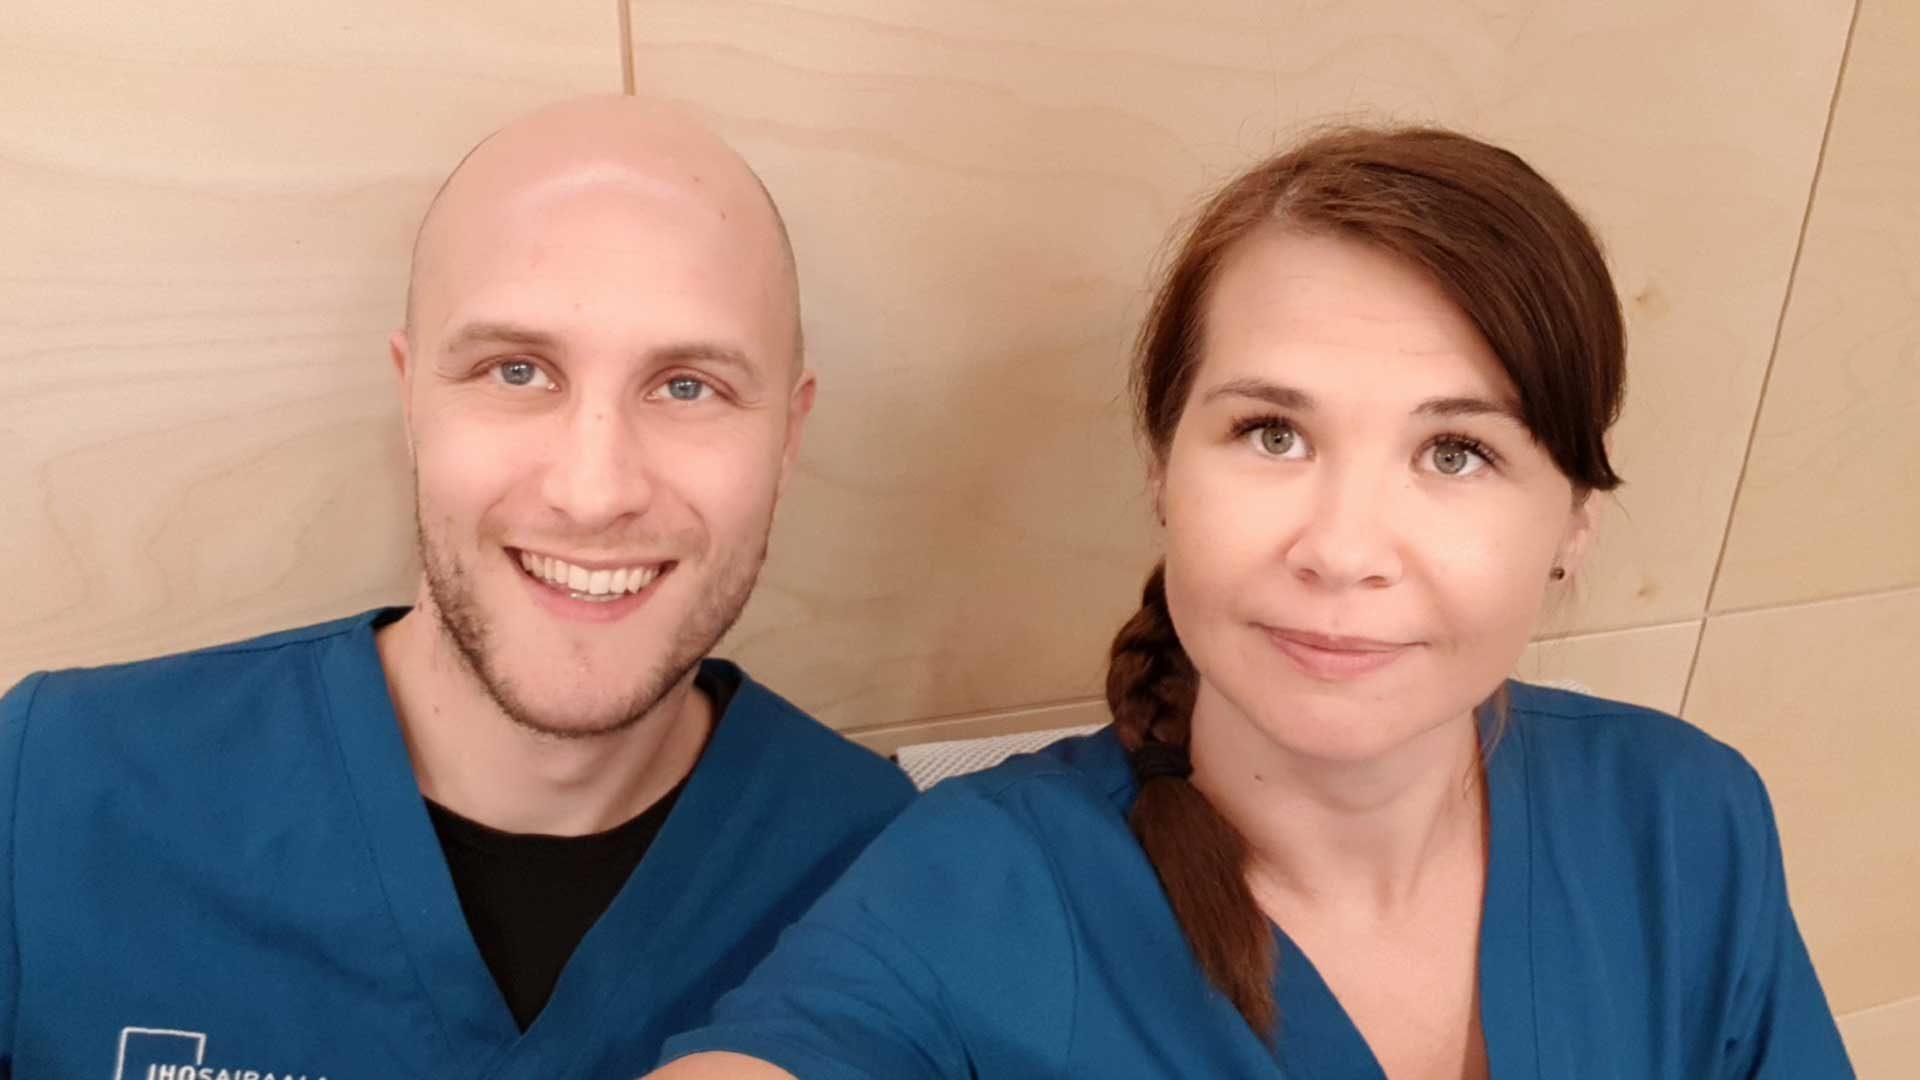 Sairaanhoitajat-web-1